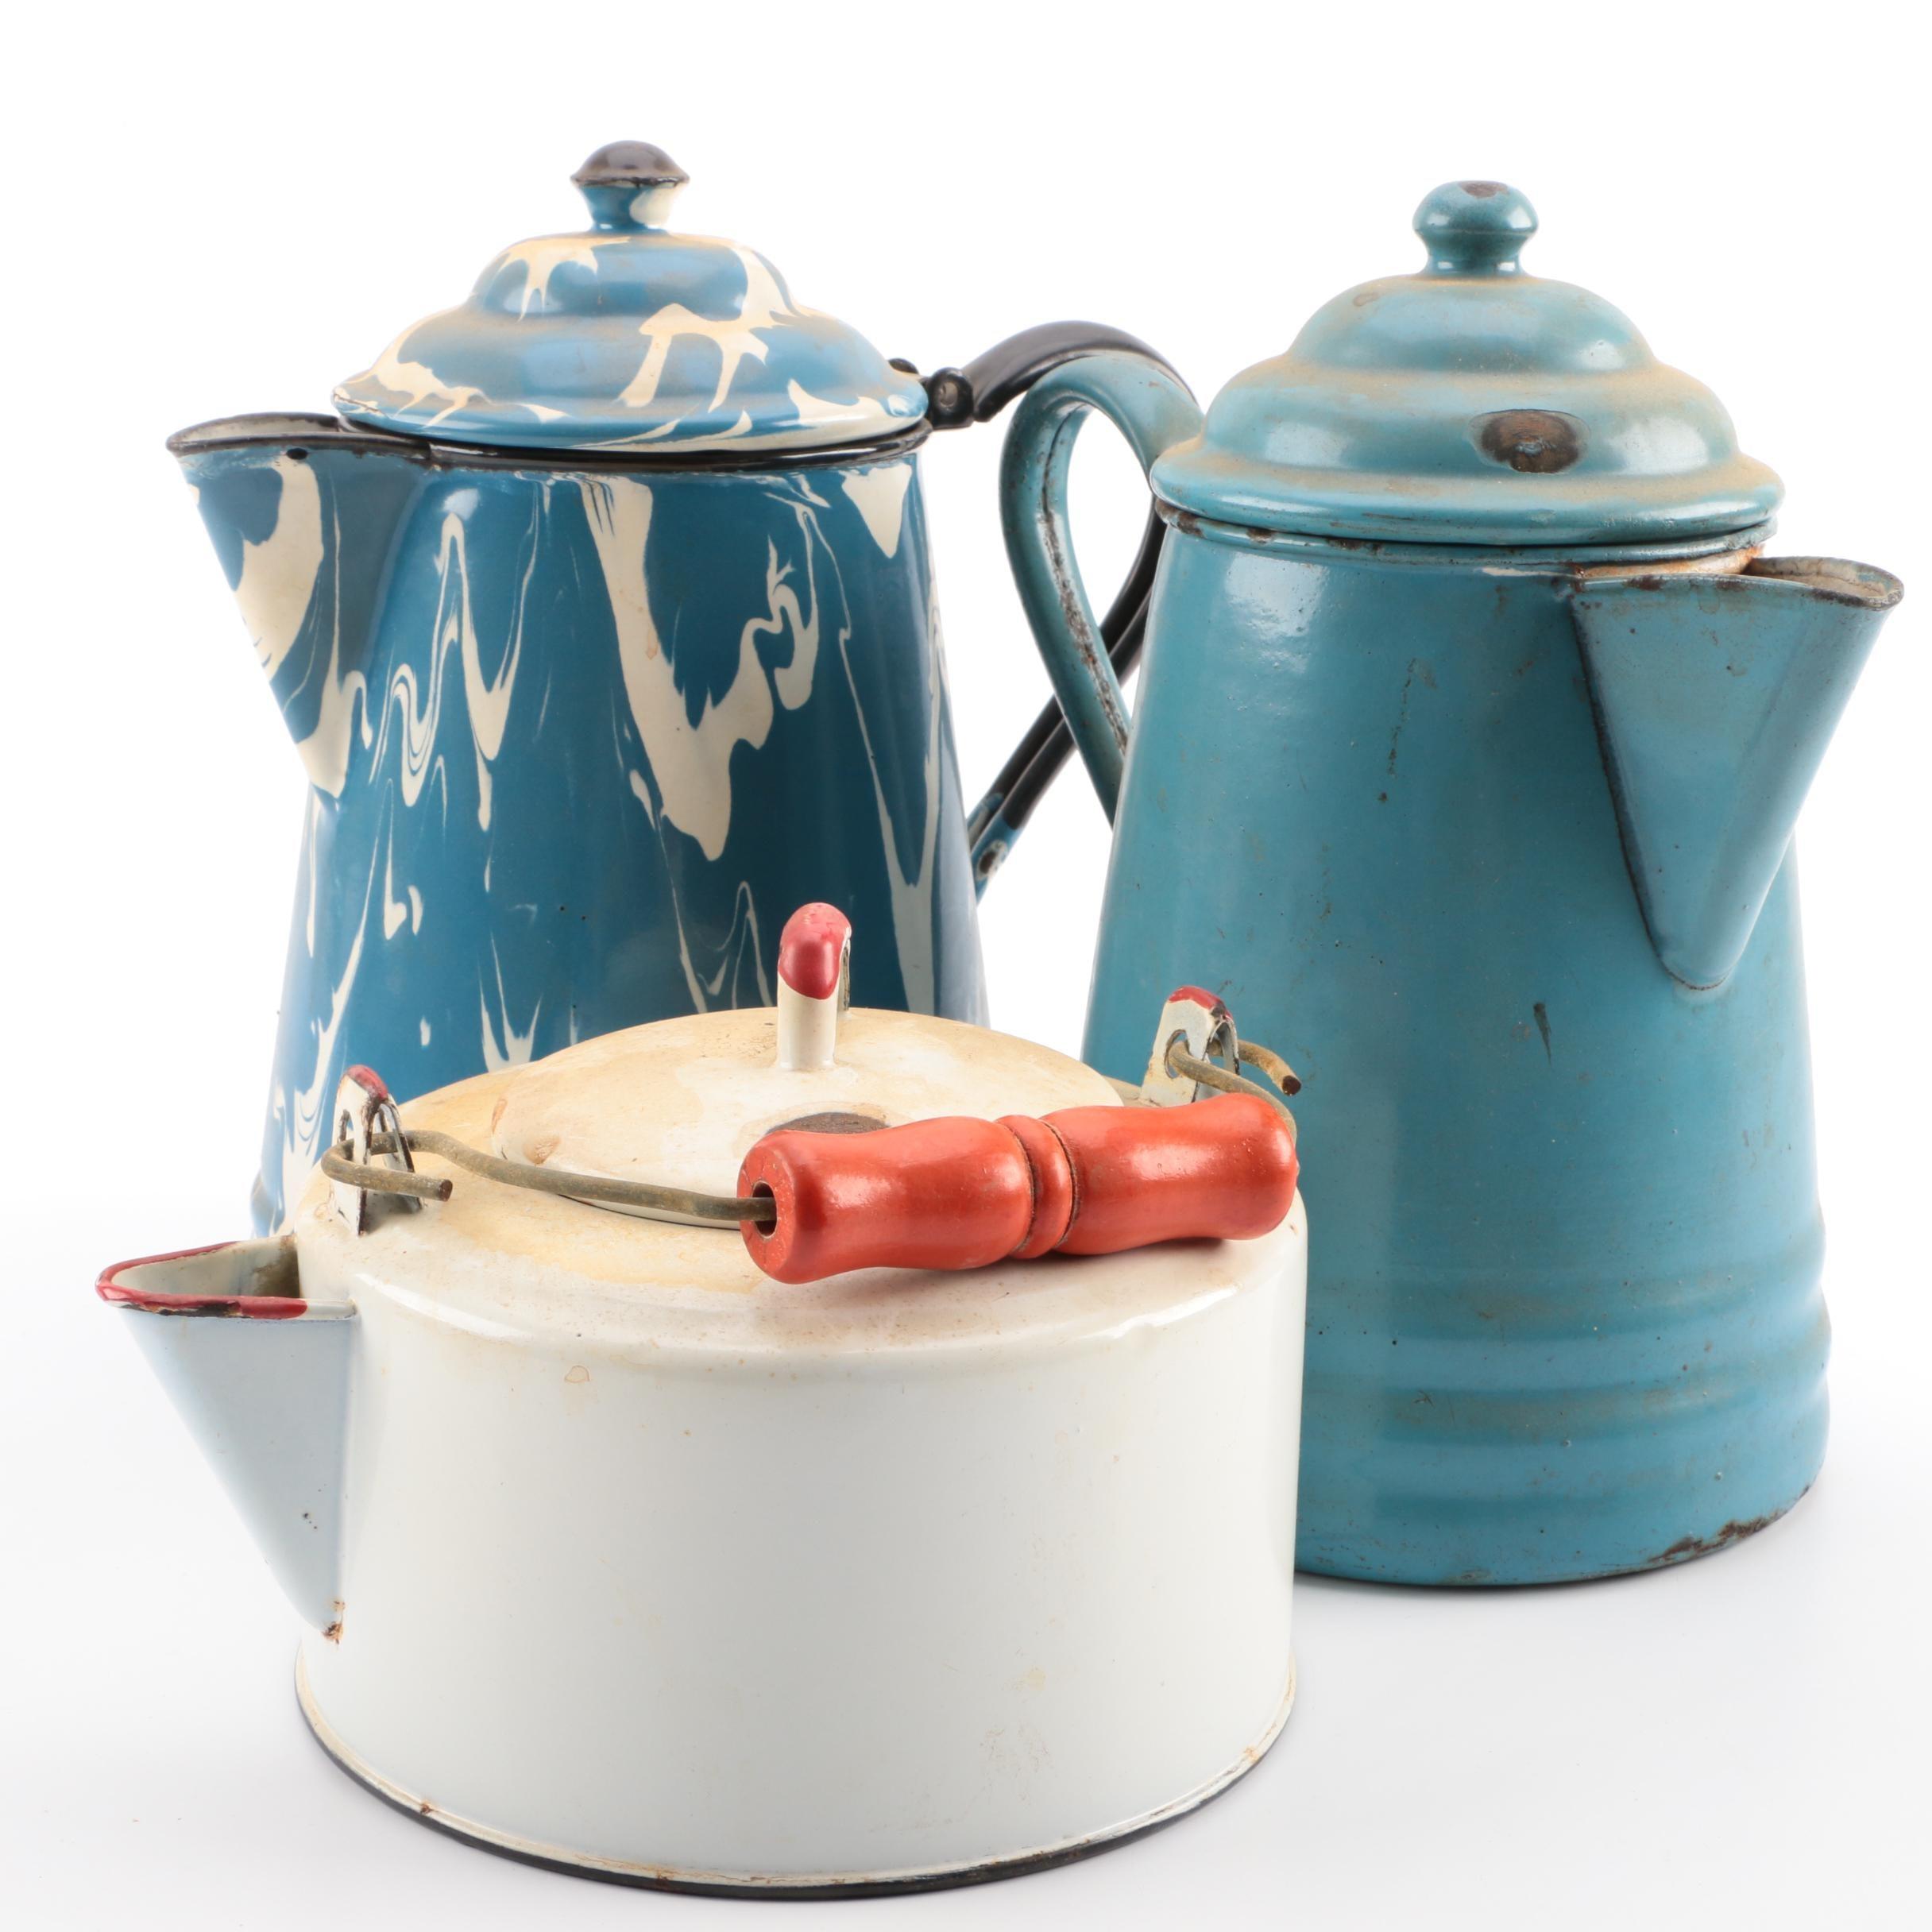 Vintage Enamelware Percolators and Teapot